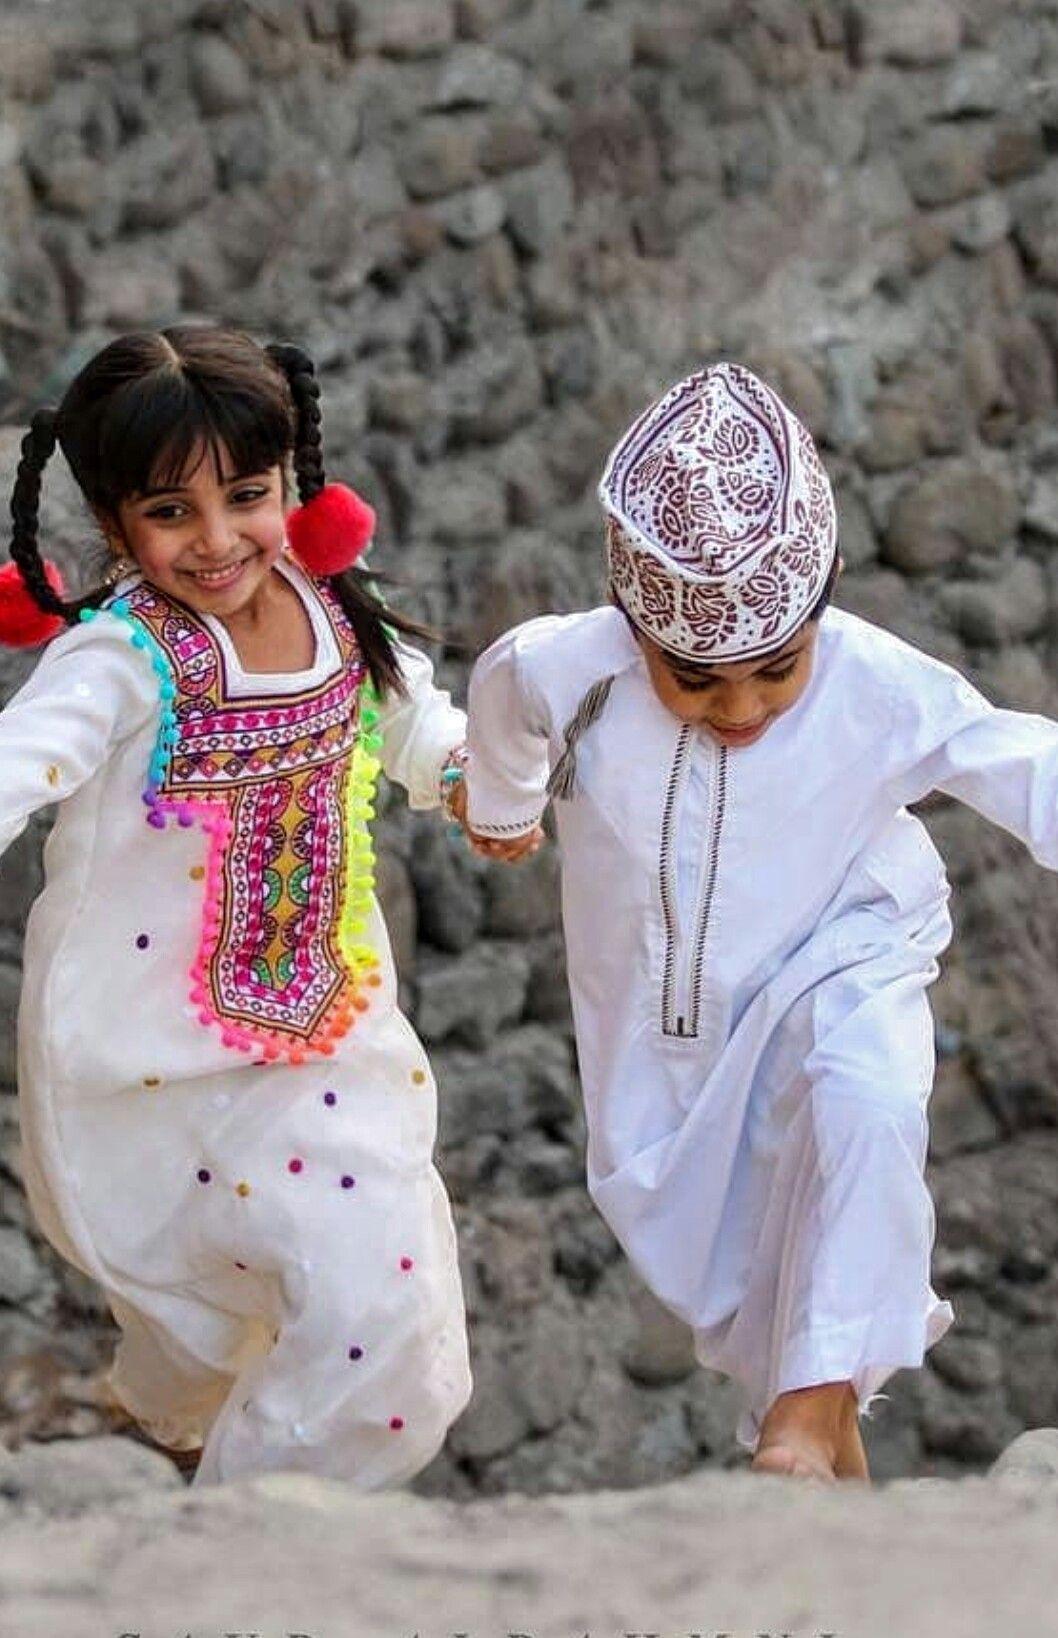 μαροκινή κορίτσι dating online στρατιωτικό ραντεβού